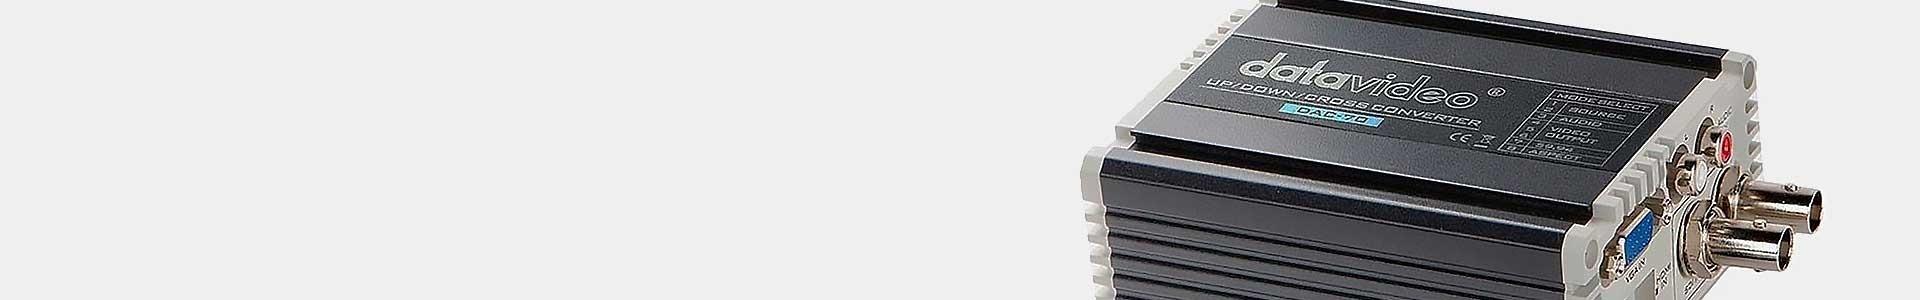 Escaladores de Vídeo profesionales en Avacab Audiovisuales